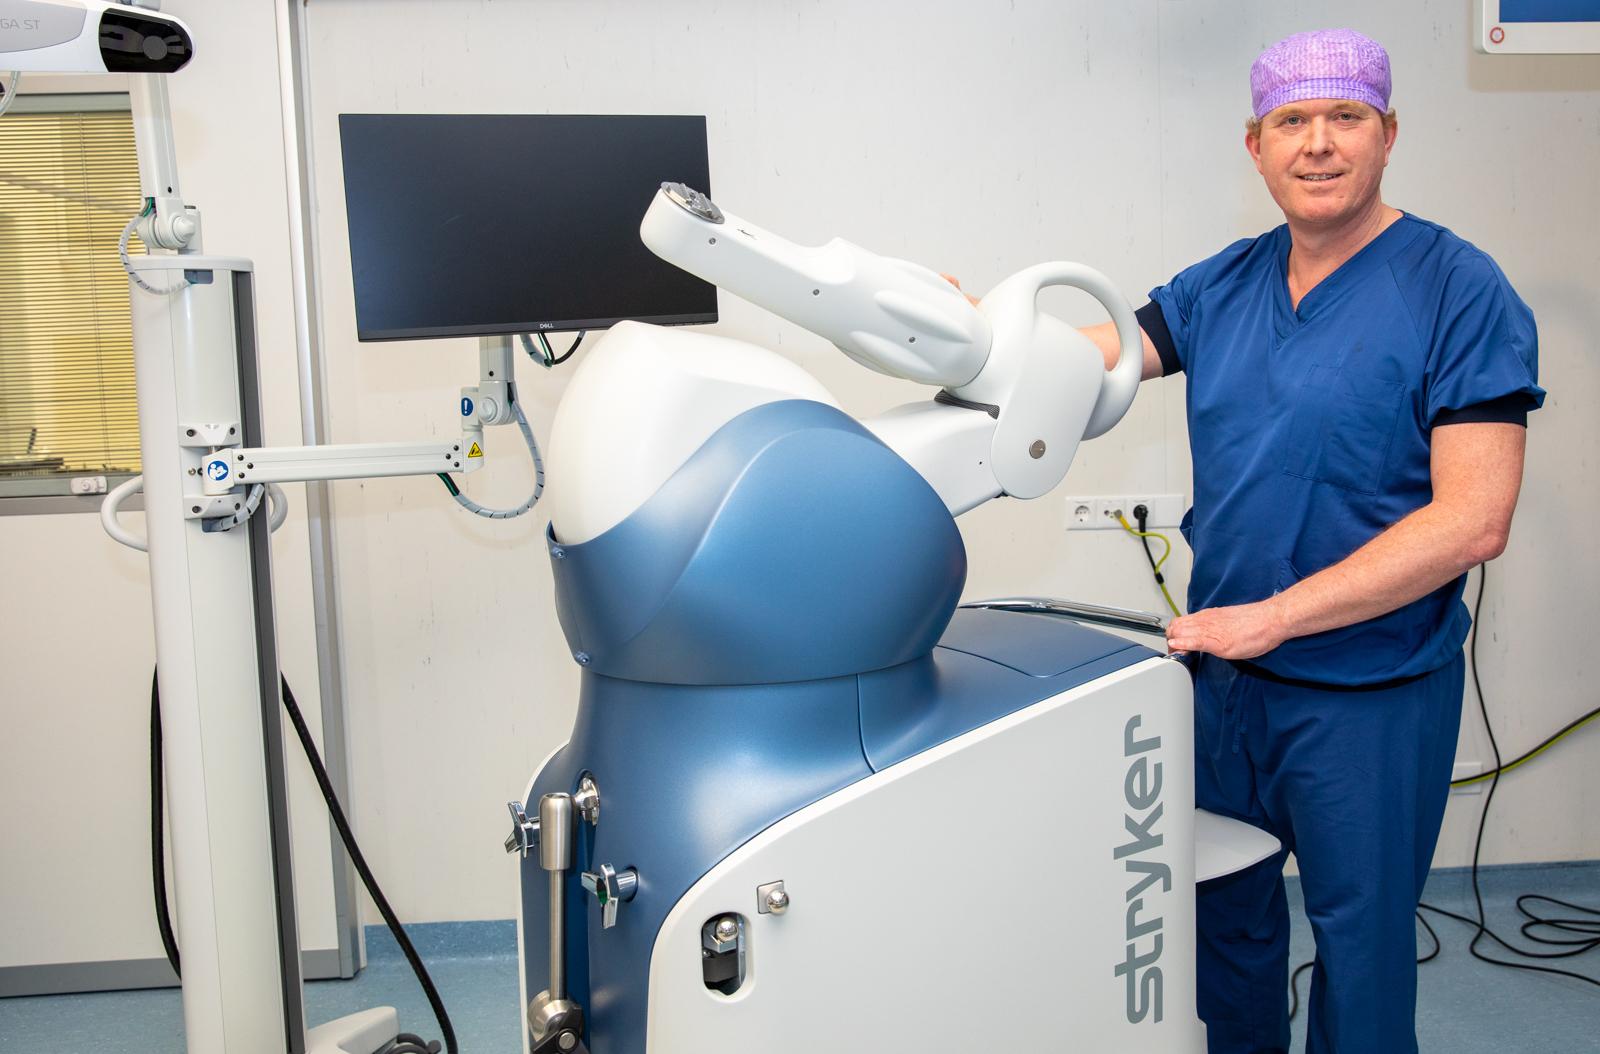 Orthopedisch chirurg Martijn van Dijk met de robotarm